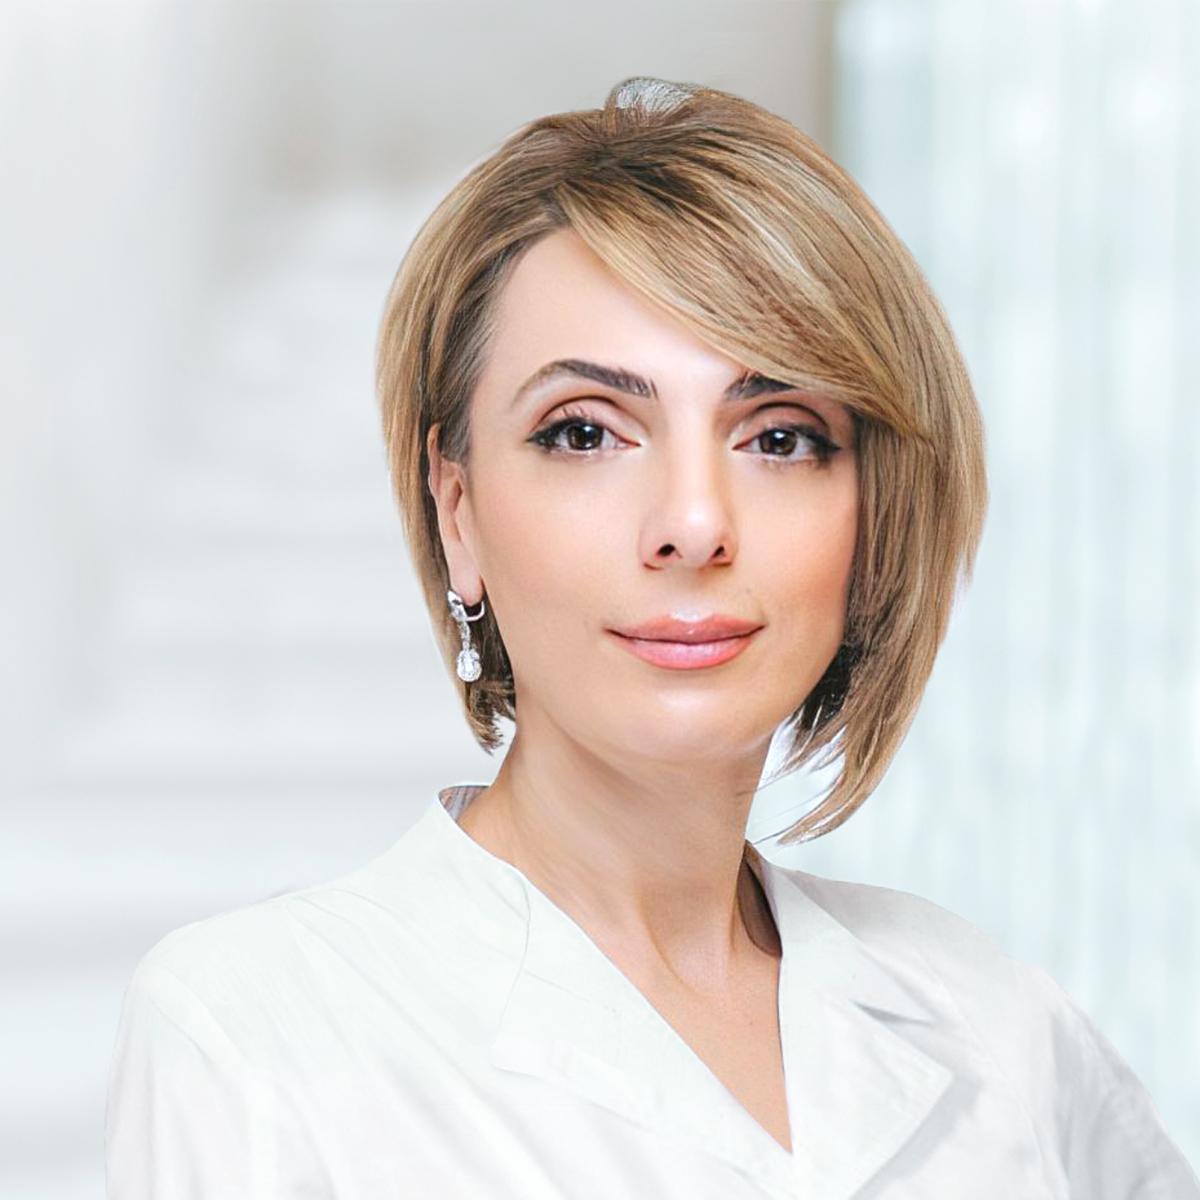 Симонян Шушаник Юриковна